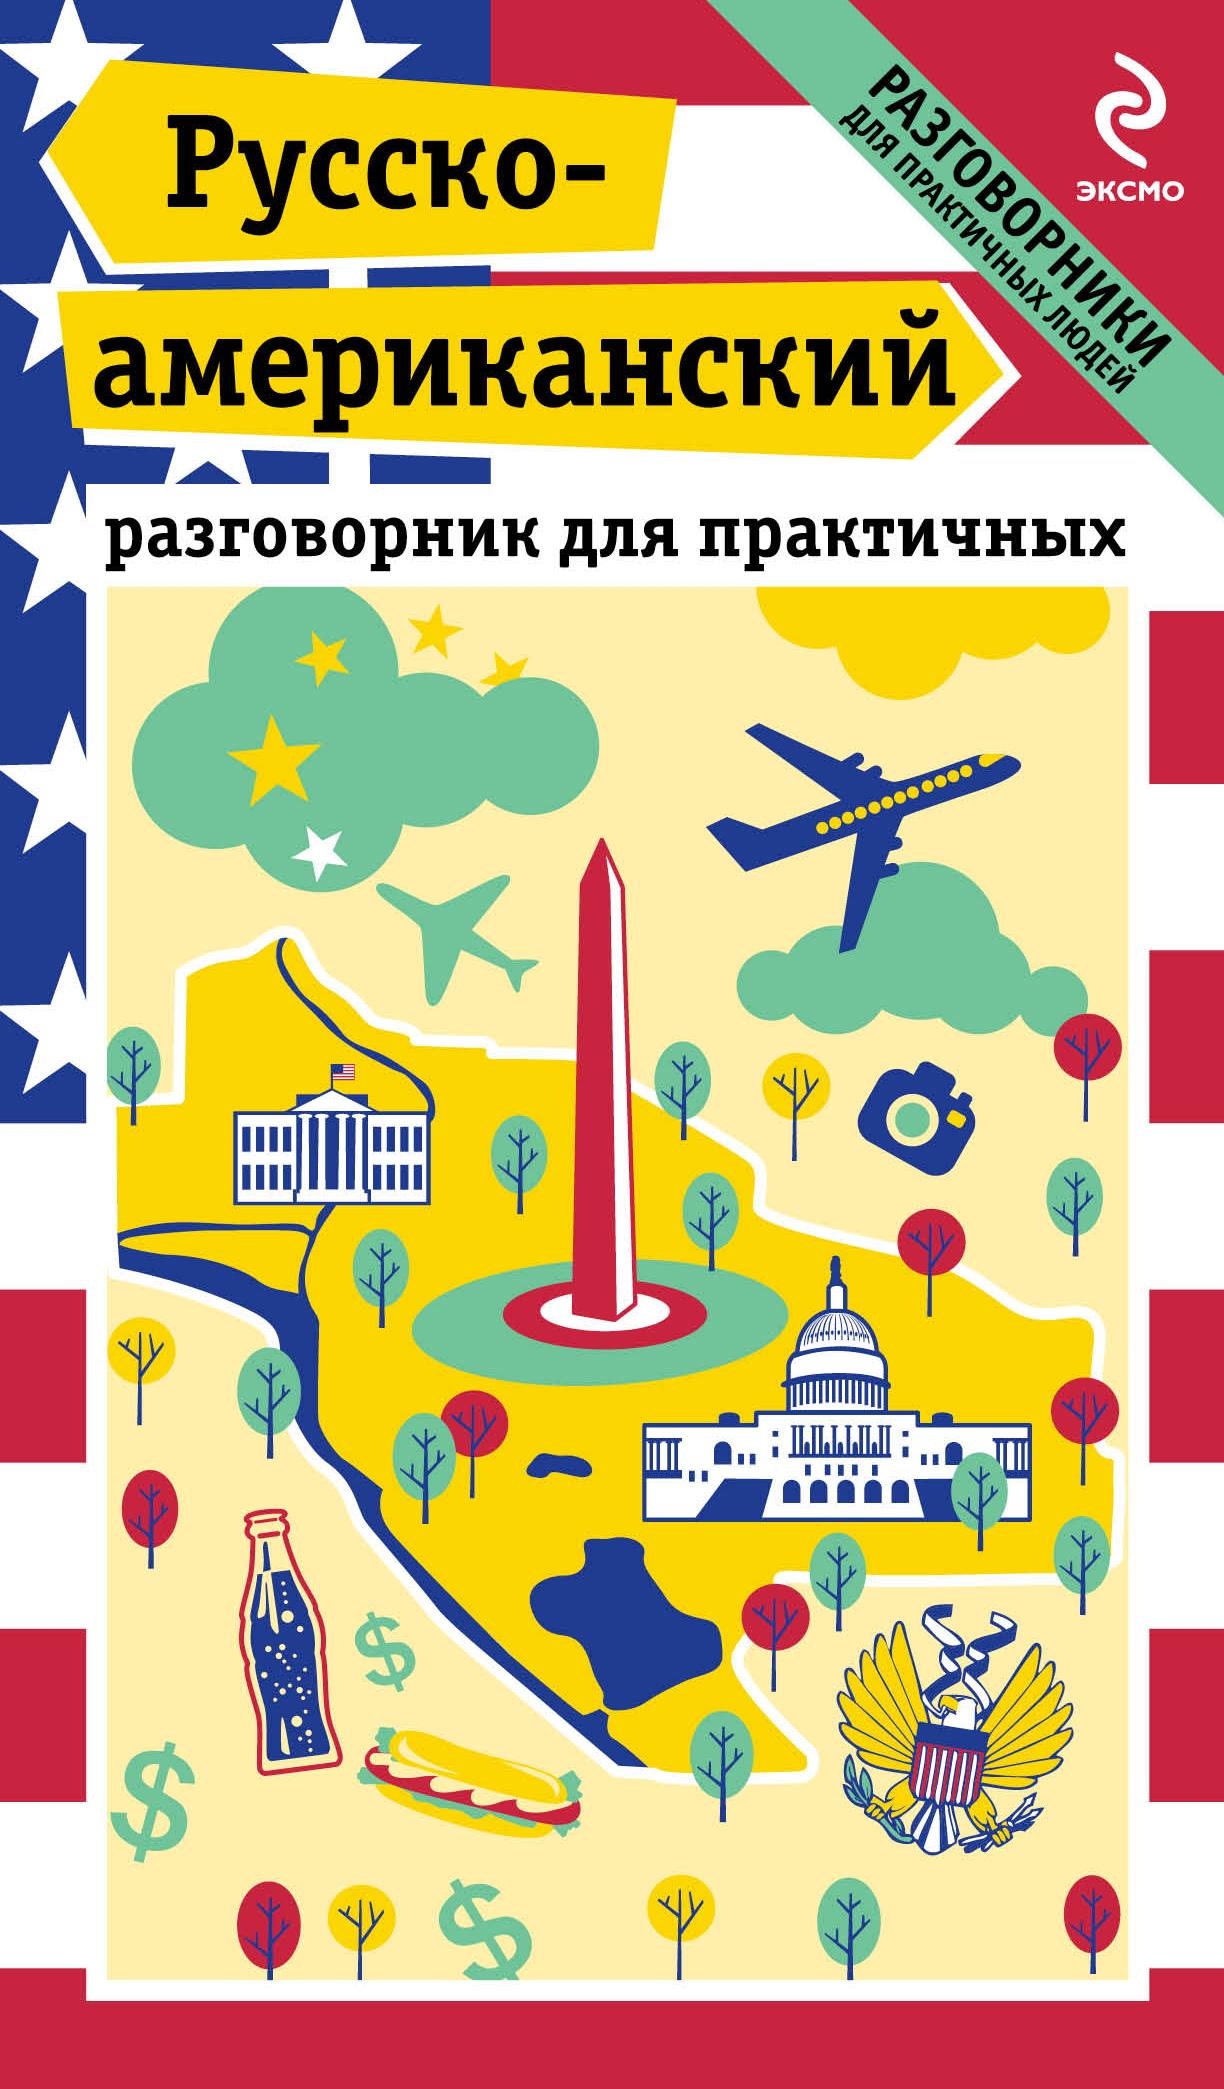 Русско-американский разговорник для практичных ( Лихошерстов Е.Ю.  )